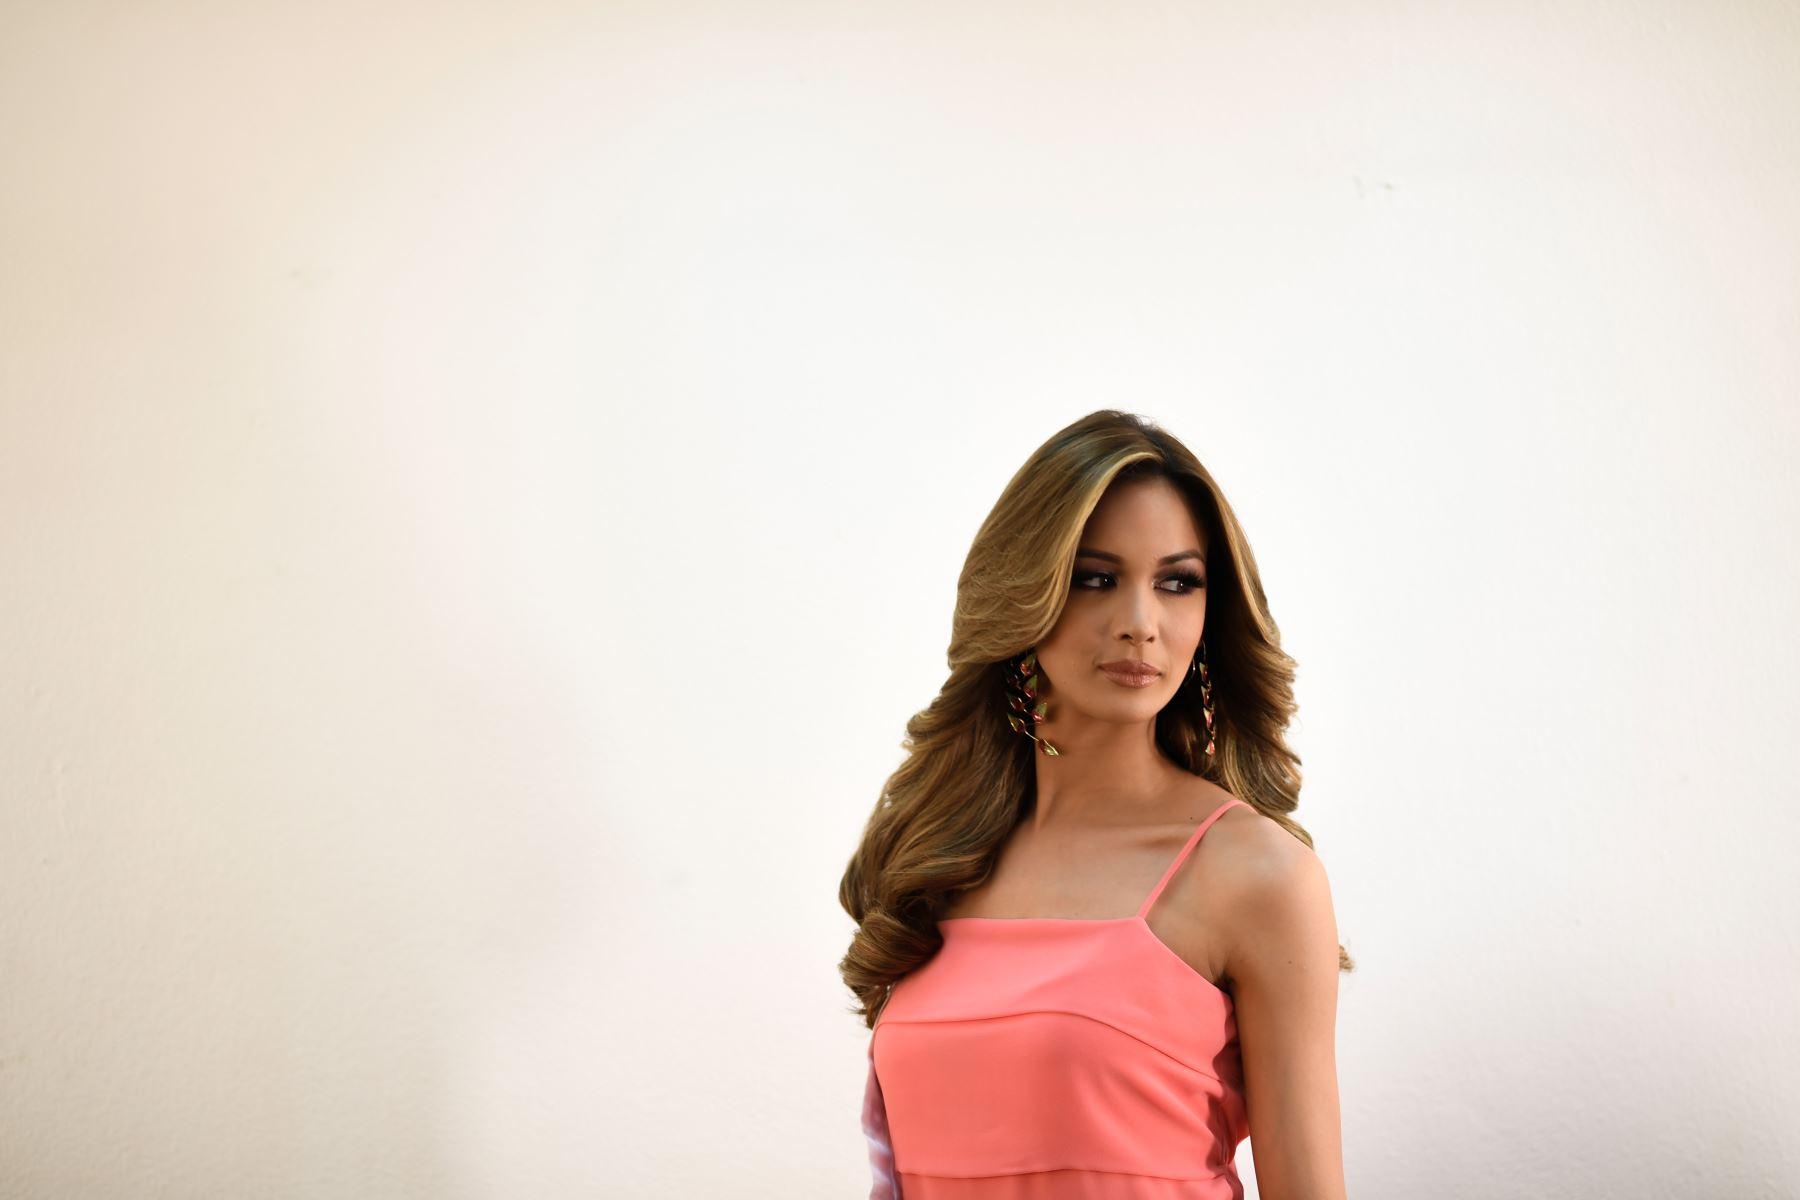 La concursante del certamen de belleza Miss Venezuela se prepara en el camerino antes de reunirse con los jueces del certamen. Foto: AFP